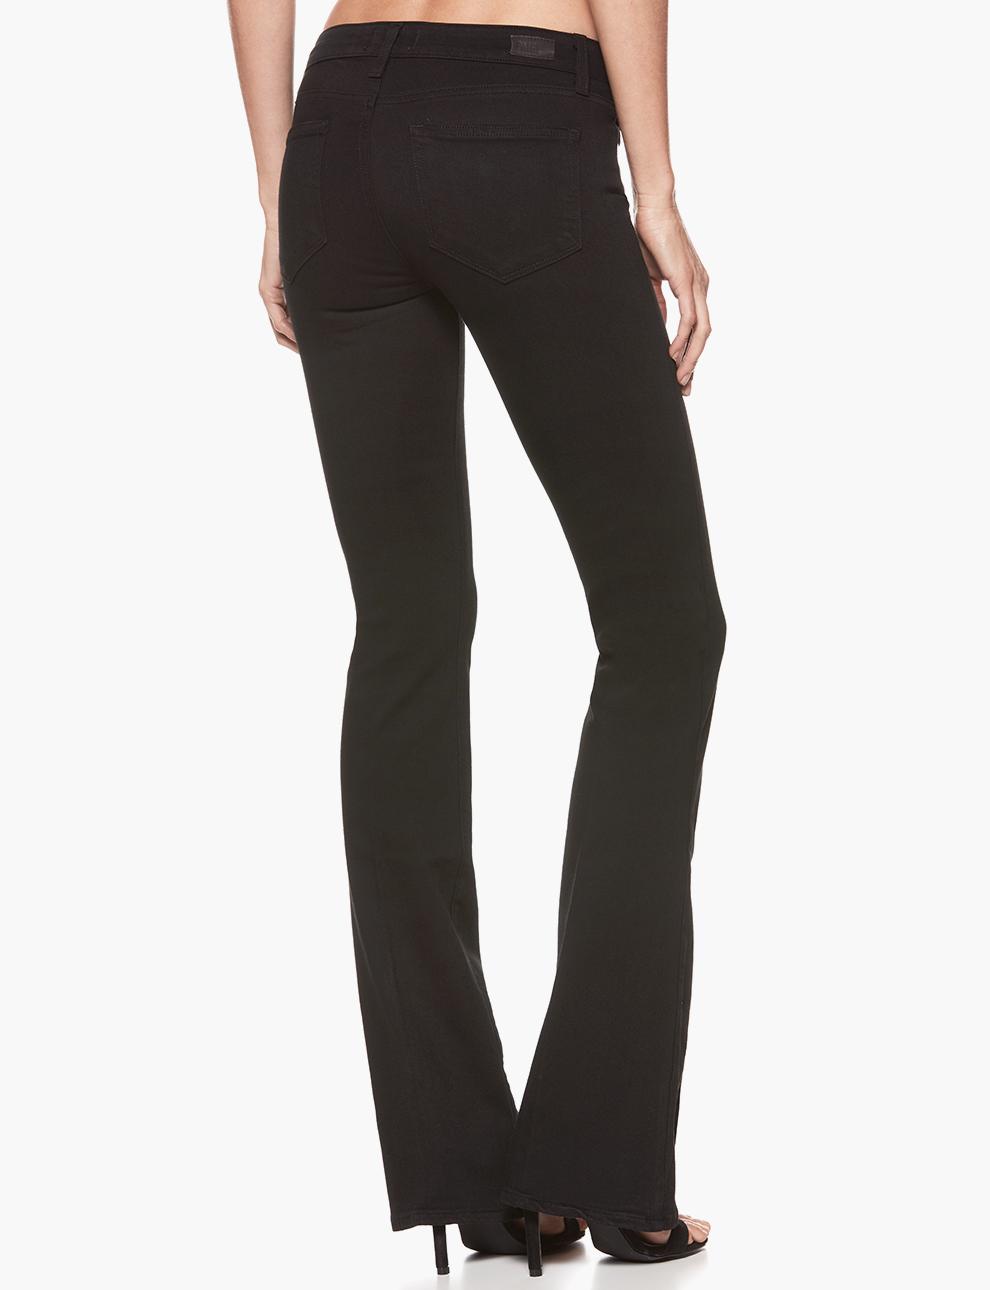 Paige Women/'s Skyline Boot Cut Jeans Size 28 Dark Wash Denim Cotton Blend